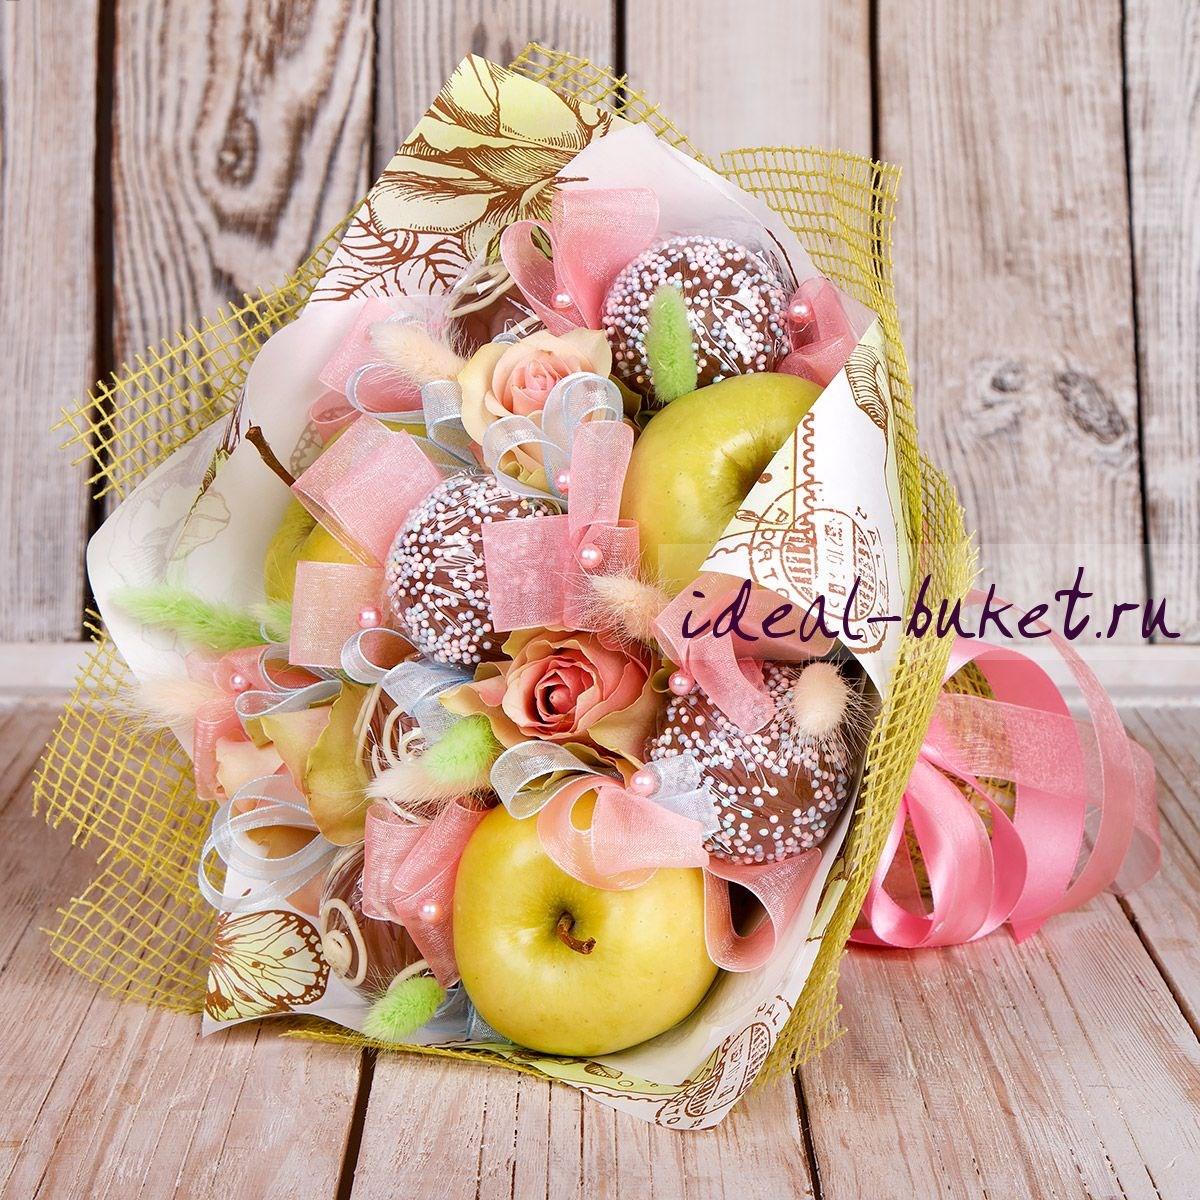 Букеты из фруктов и сладостей своими руками 82